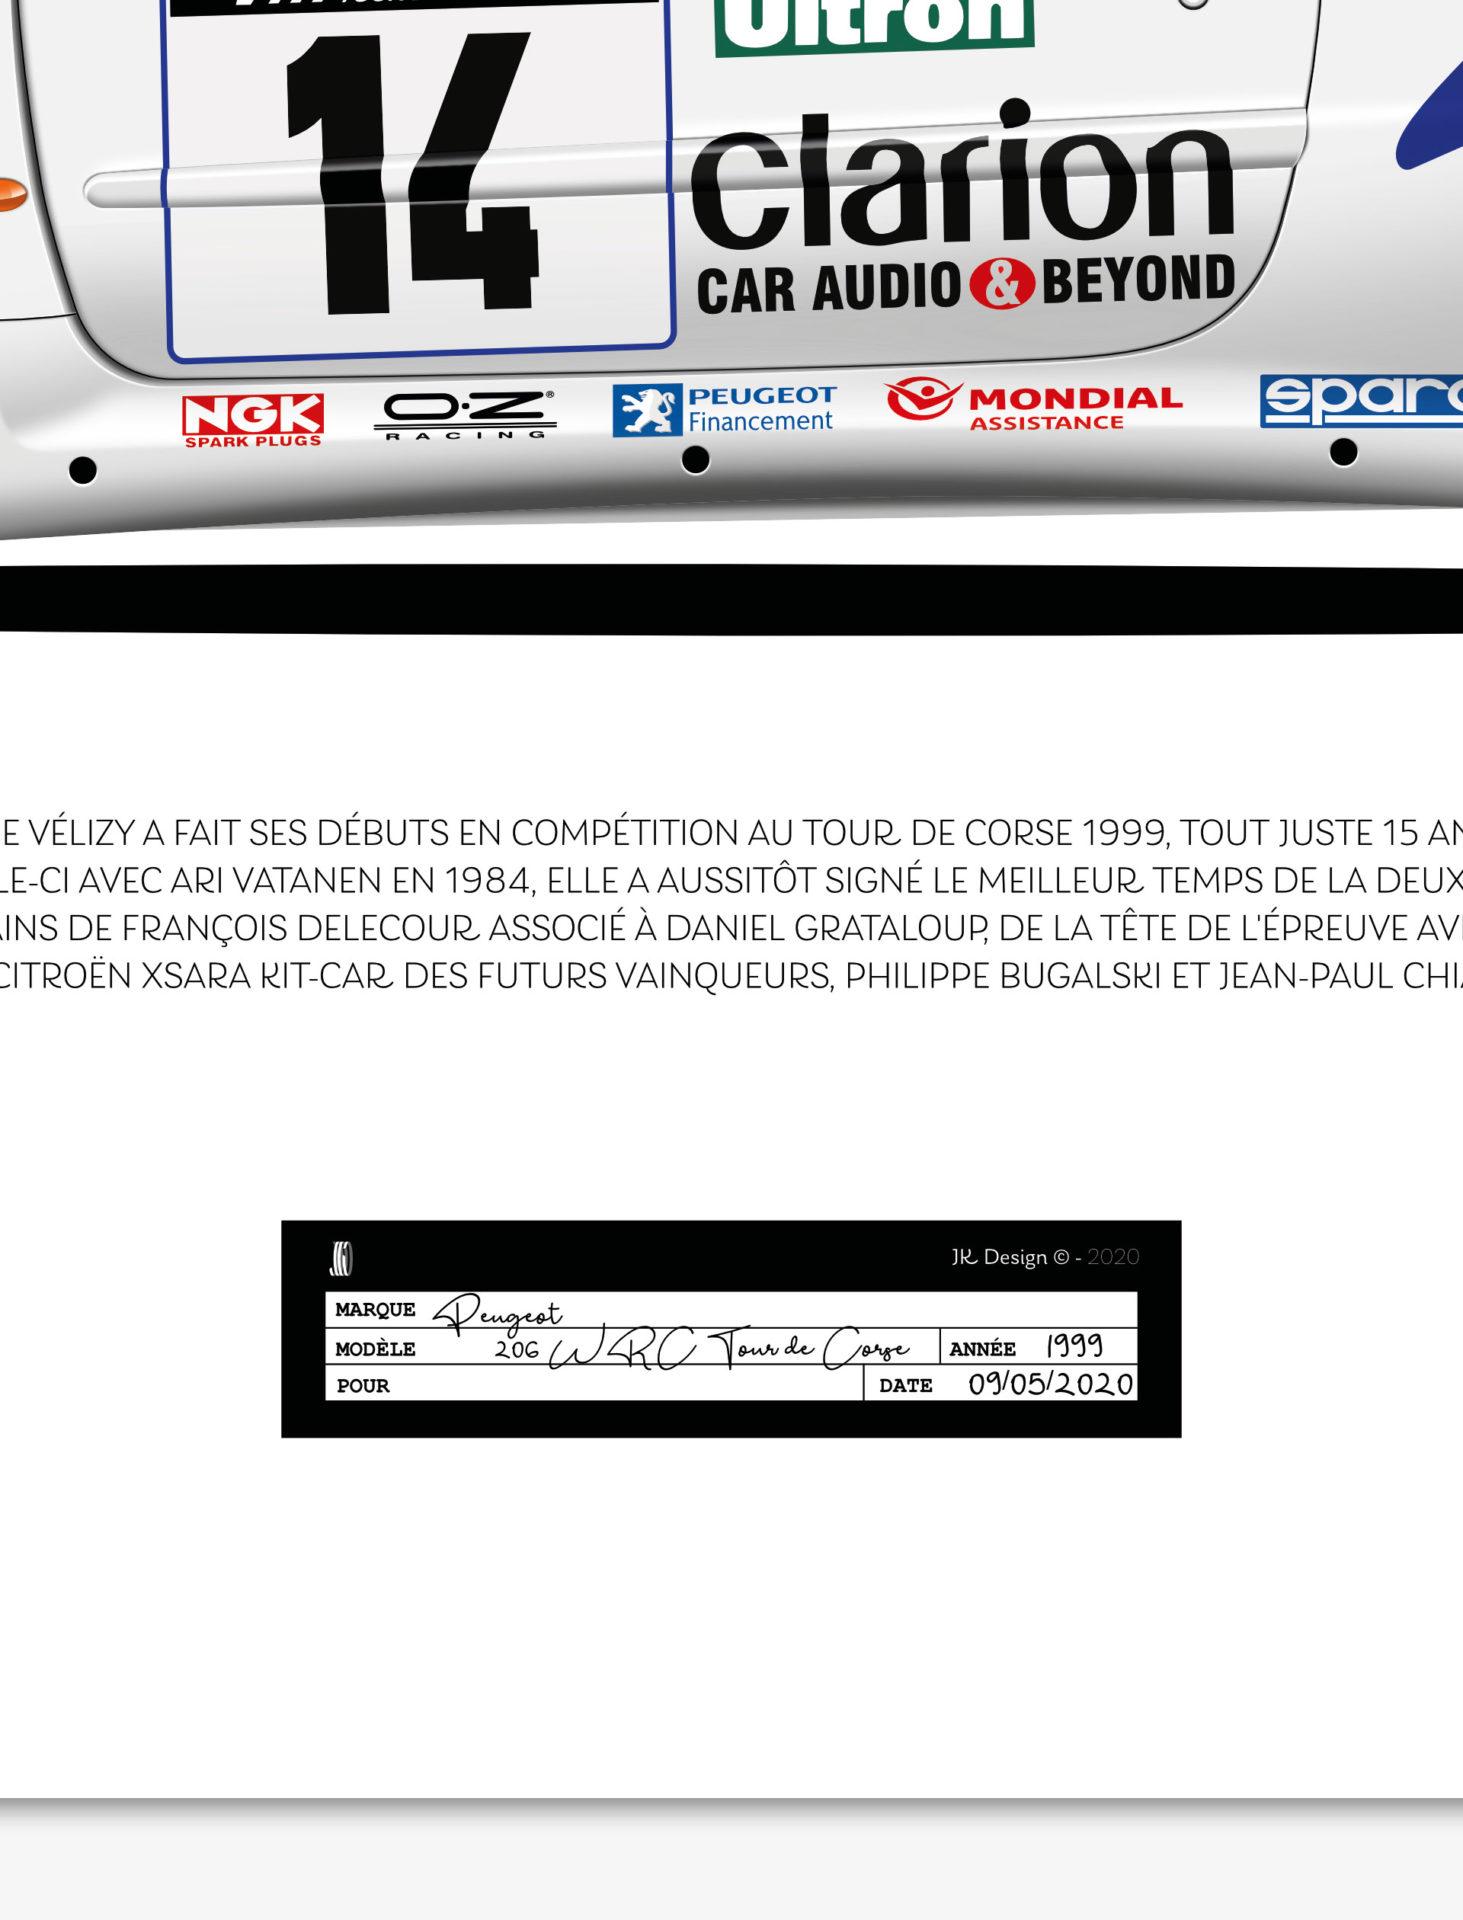 Jk Design - 206 WRC - 05